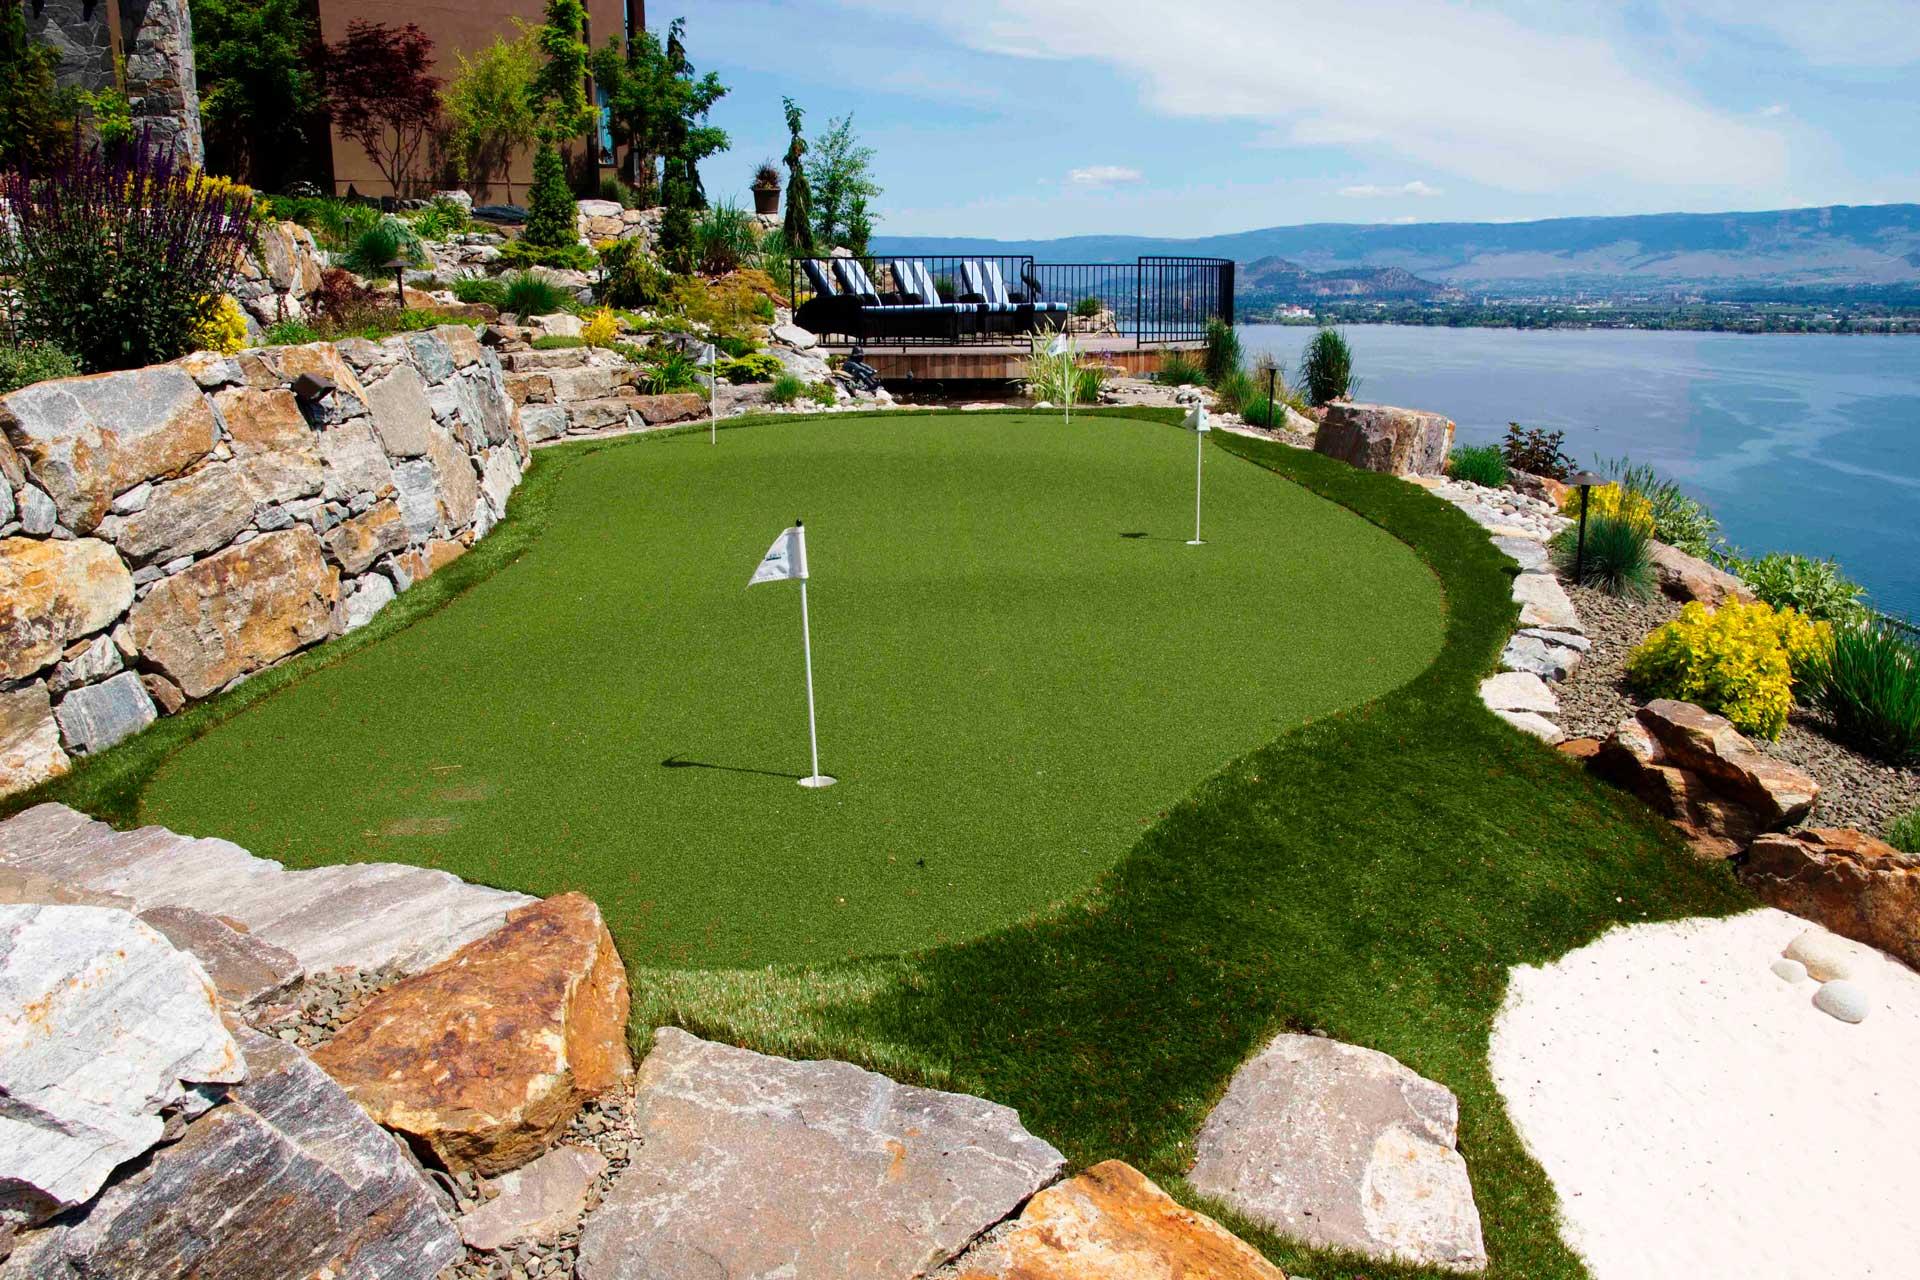 SYNLawn Artificial Turf Golf